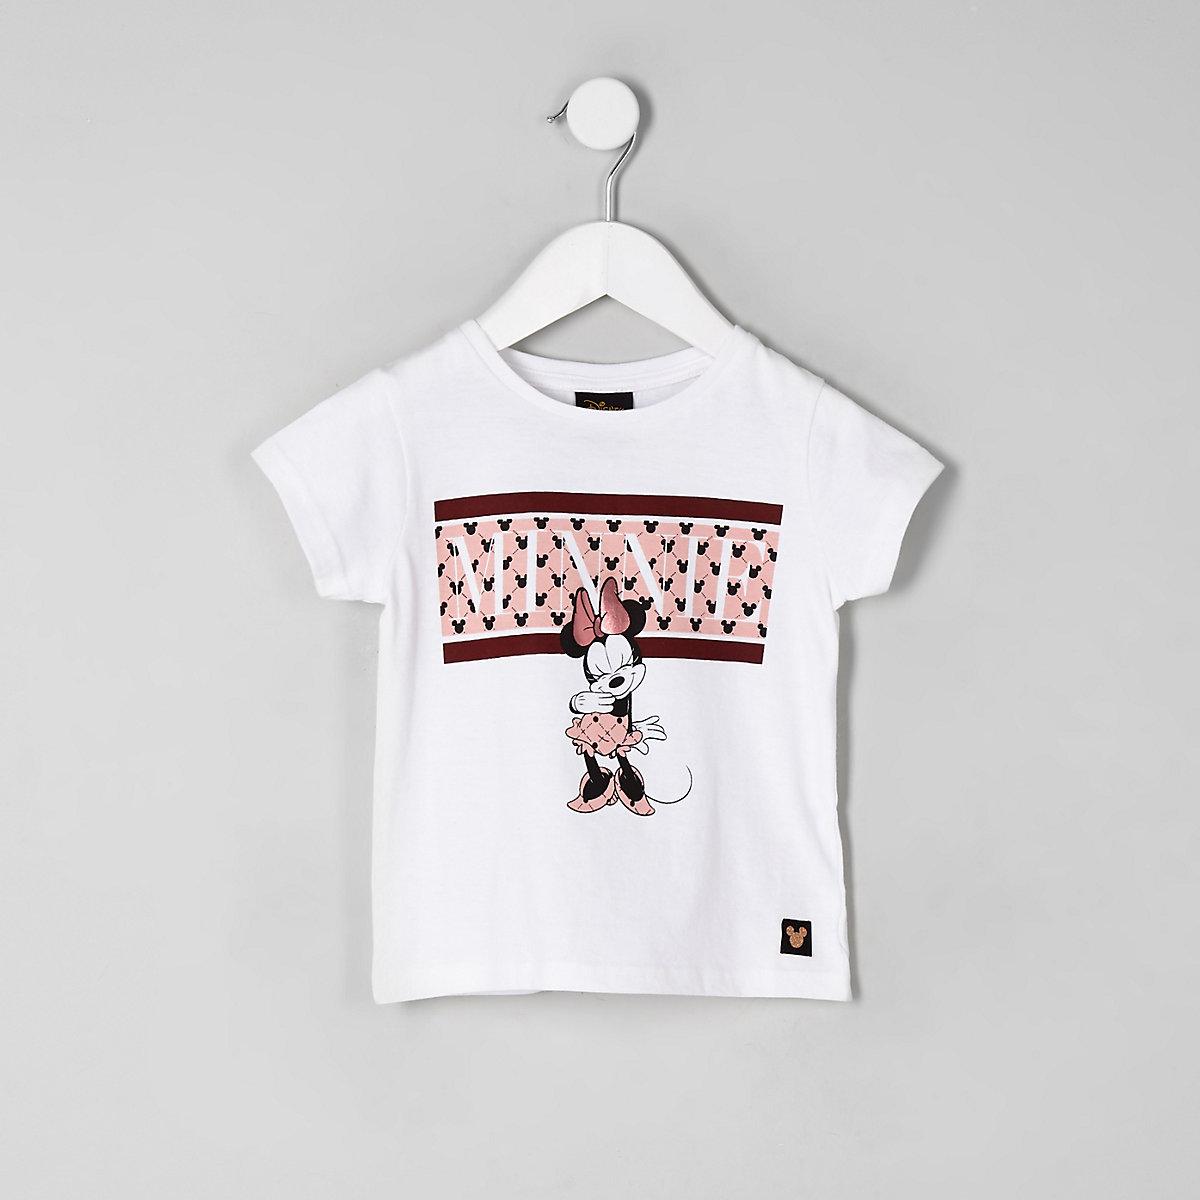 Mini girls Minnie Mouse 90 Disney T-shirt